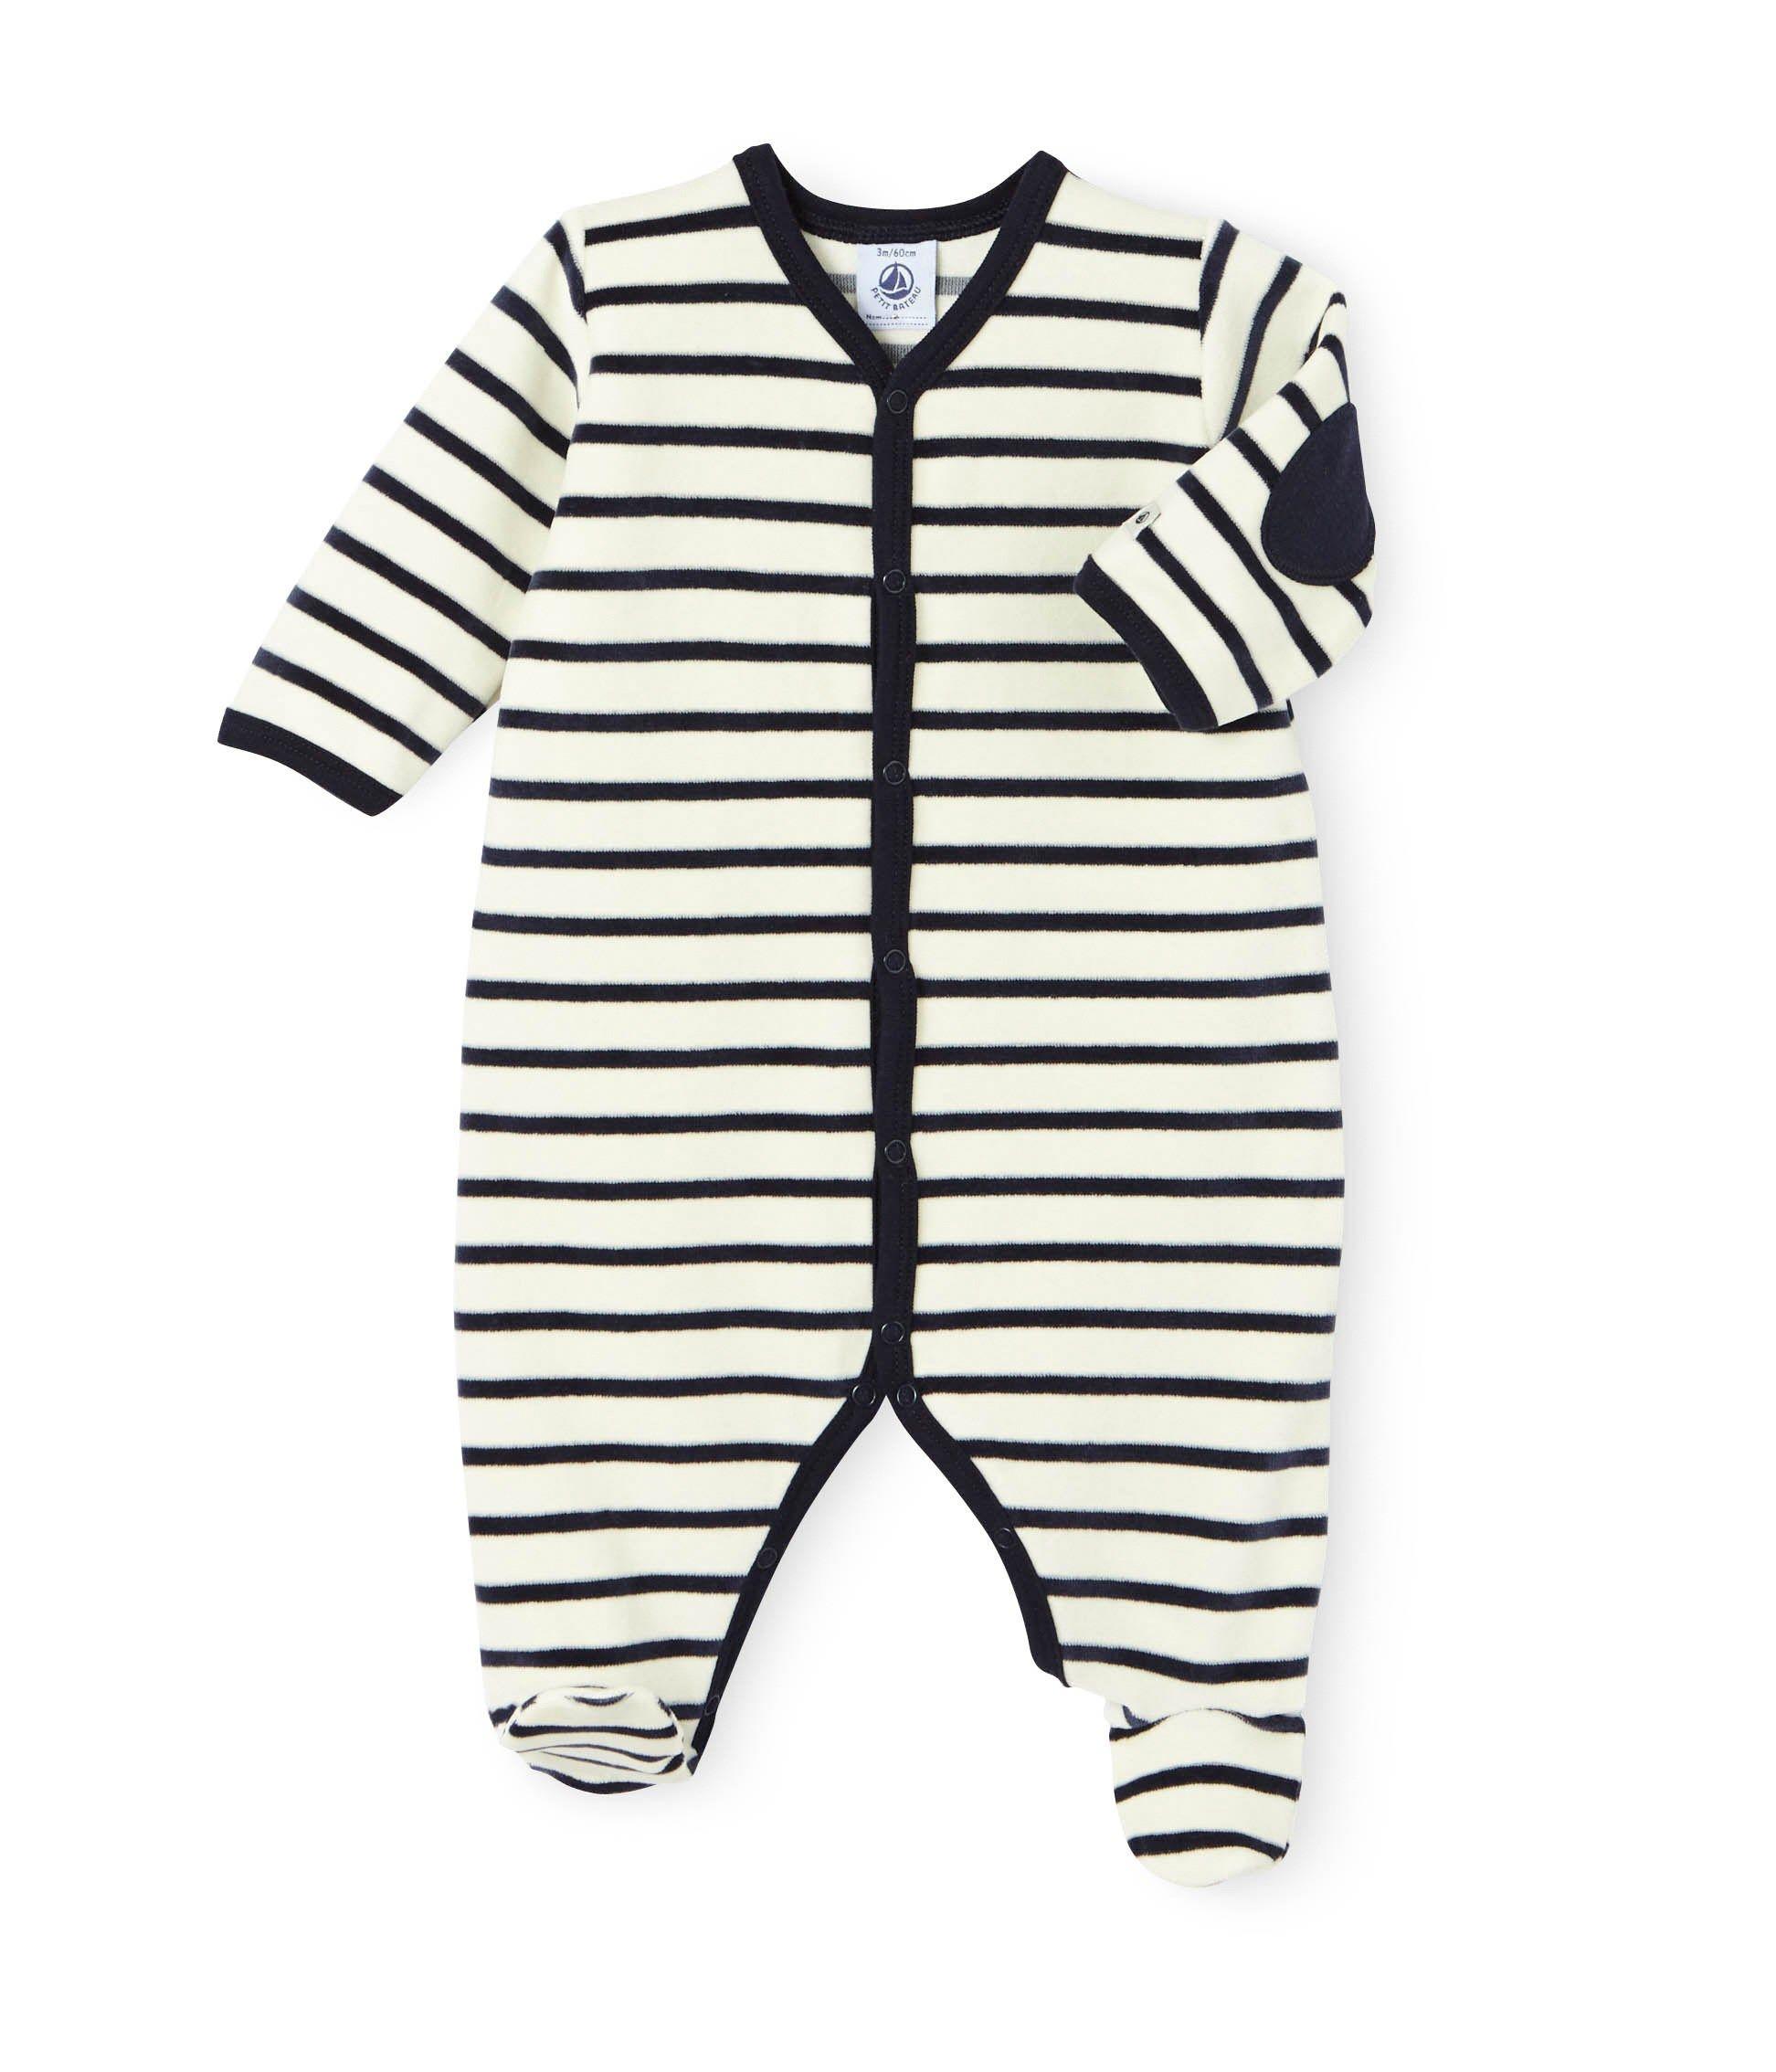 e0b647c244e1e Dors bien bébé mixte en velours rayure marinière beige Coquille   bleu  Smoking. Retrouvez notre gamme de vêtements et sous-vêtements pour bébé